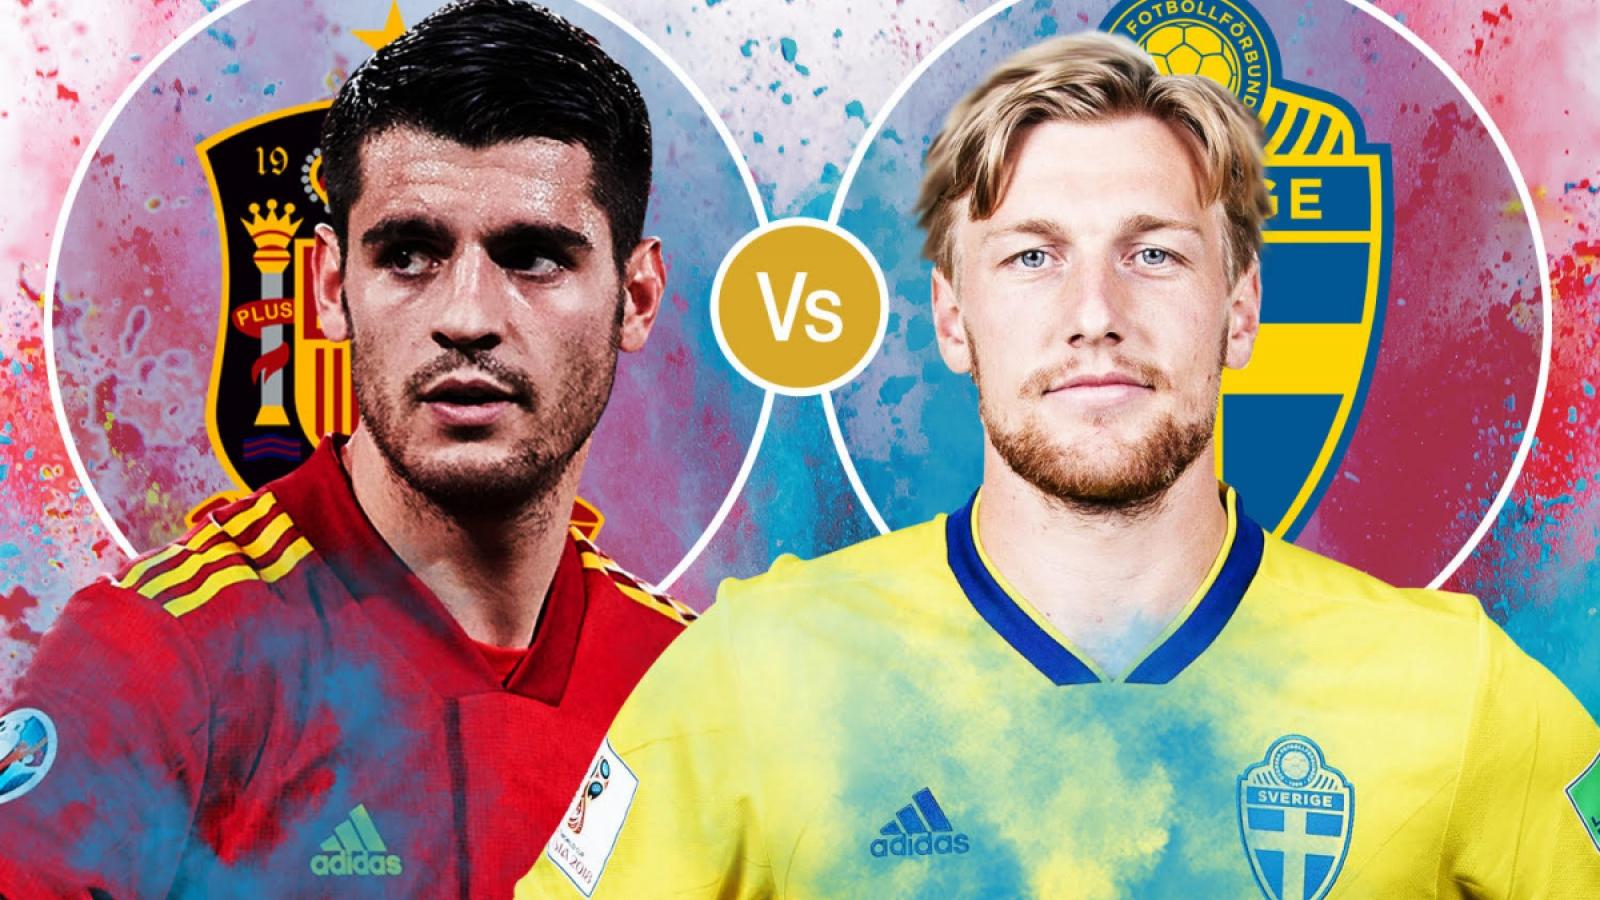 Cách xem trực tiếp ĐT Tây Ban Nha vs ĐT Thụy Điển bảng E - EURO 2021